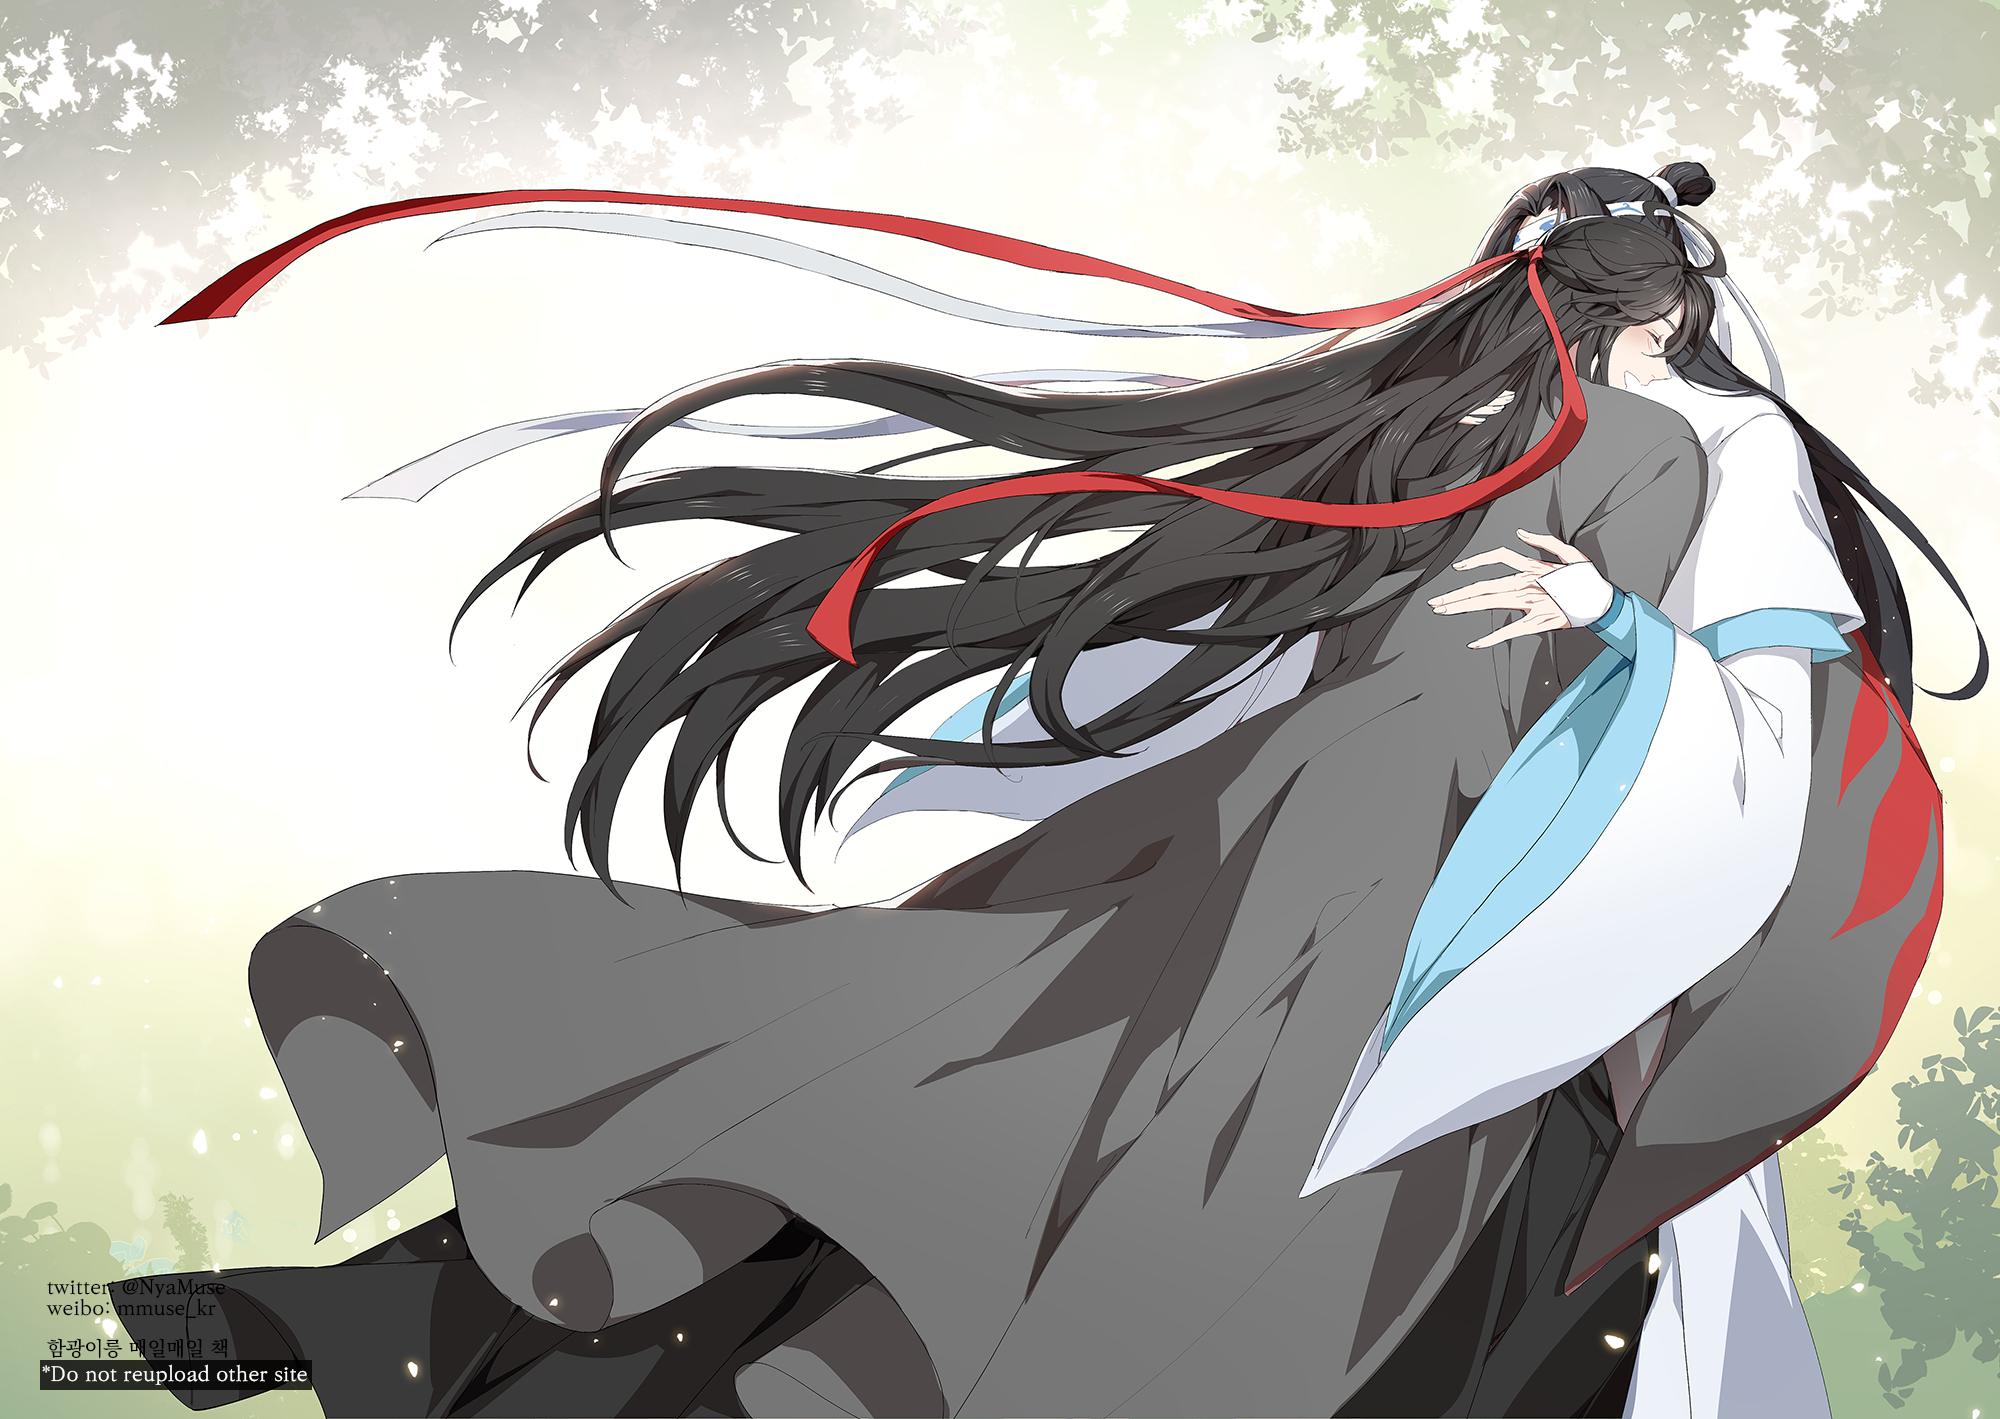 운몽박씨뮤즈 on Twitter in 2020 Anime, Fighting demons, Anime guys